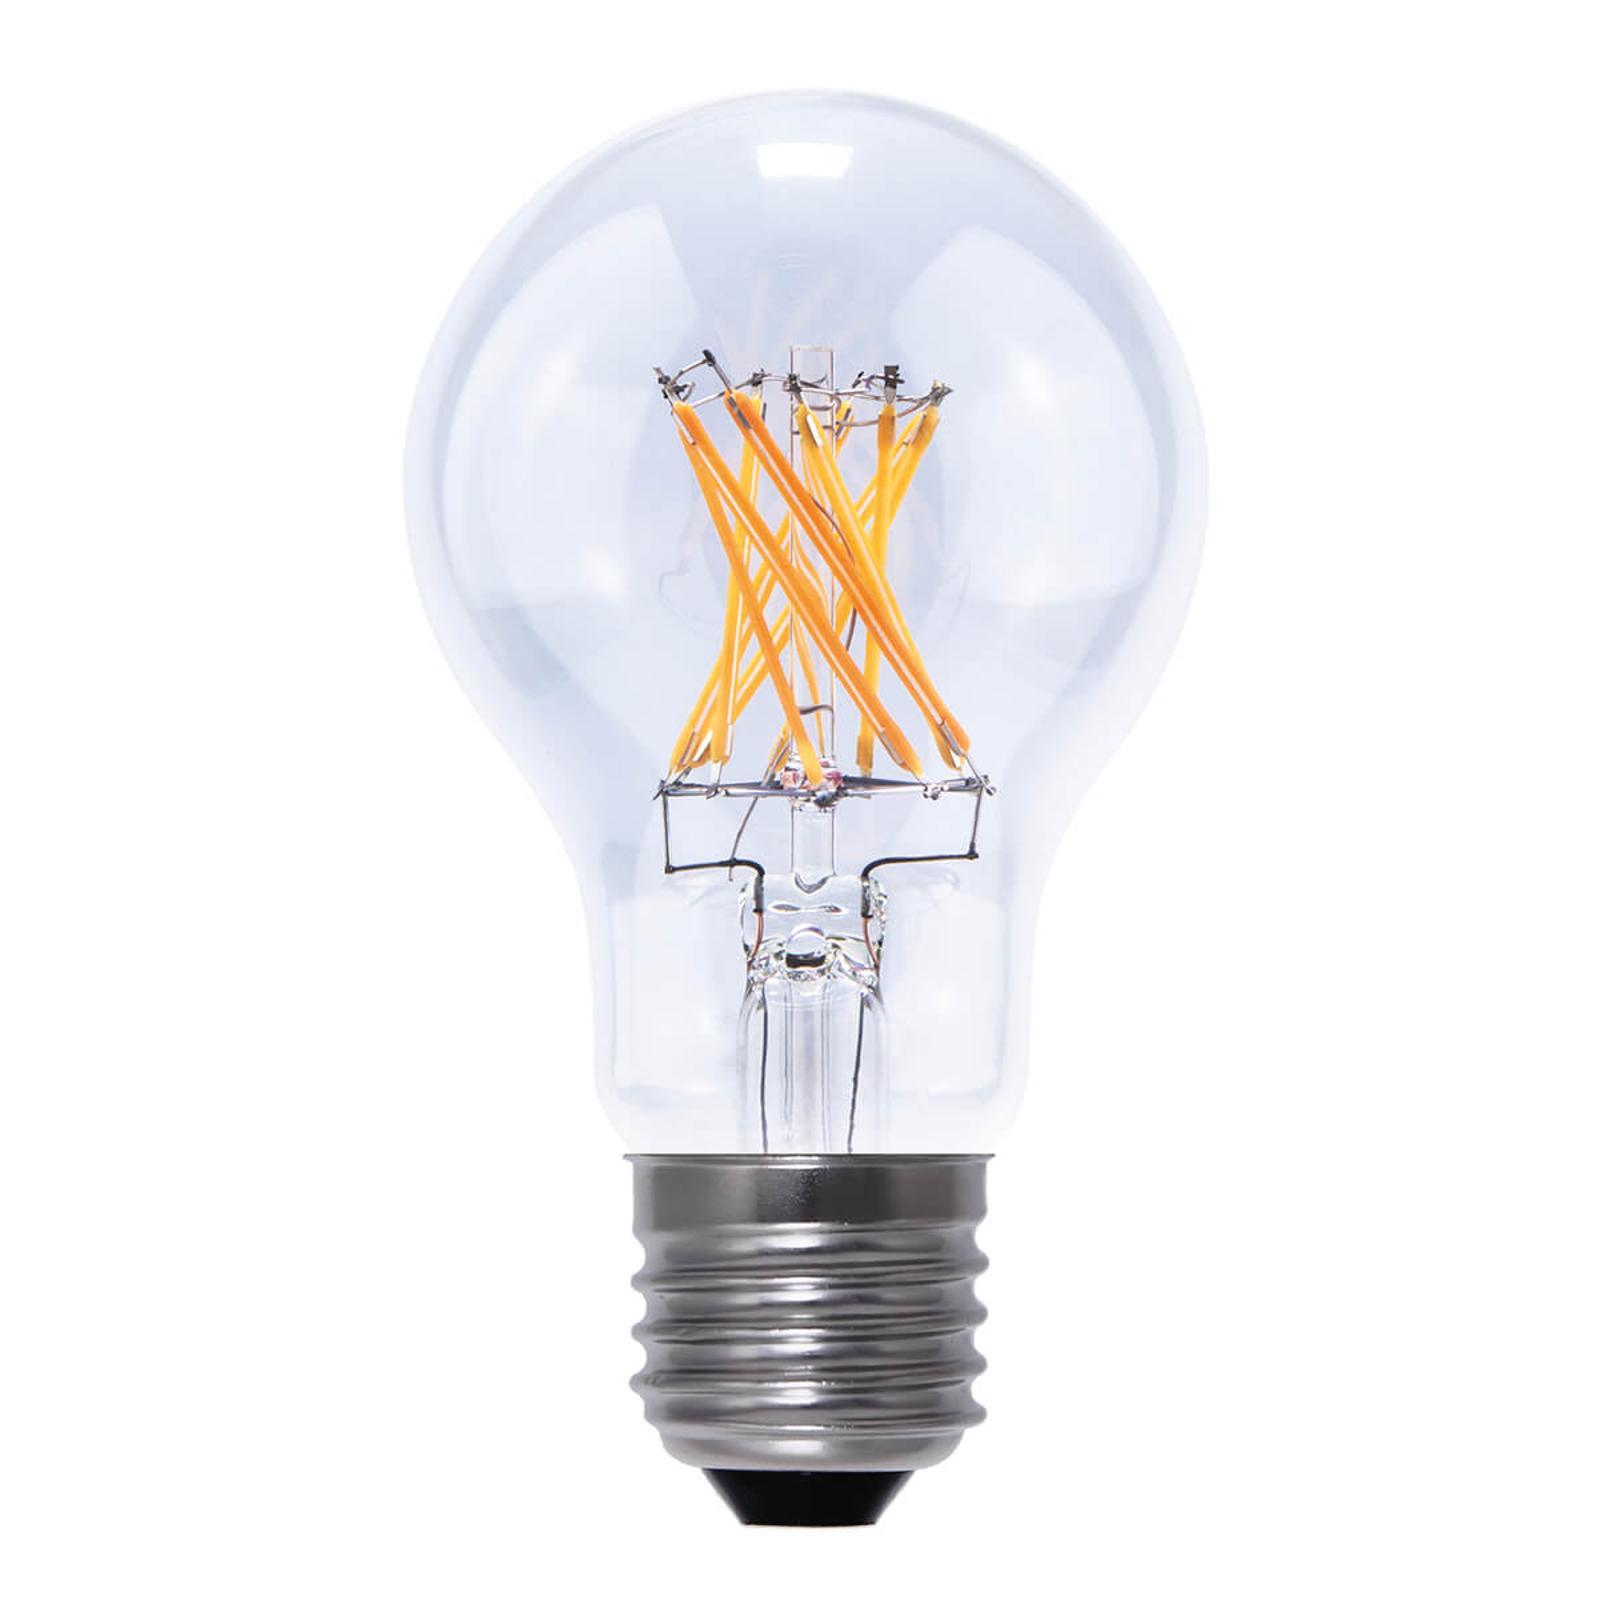 Lampadina LED 926 E27 8W filamento carbone chiara